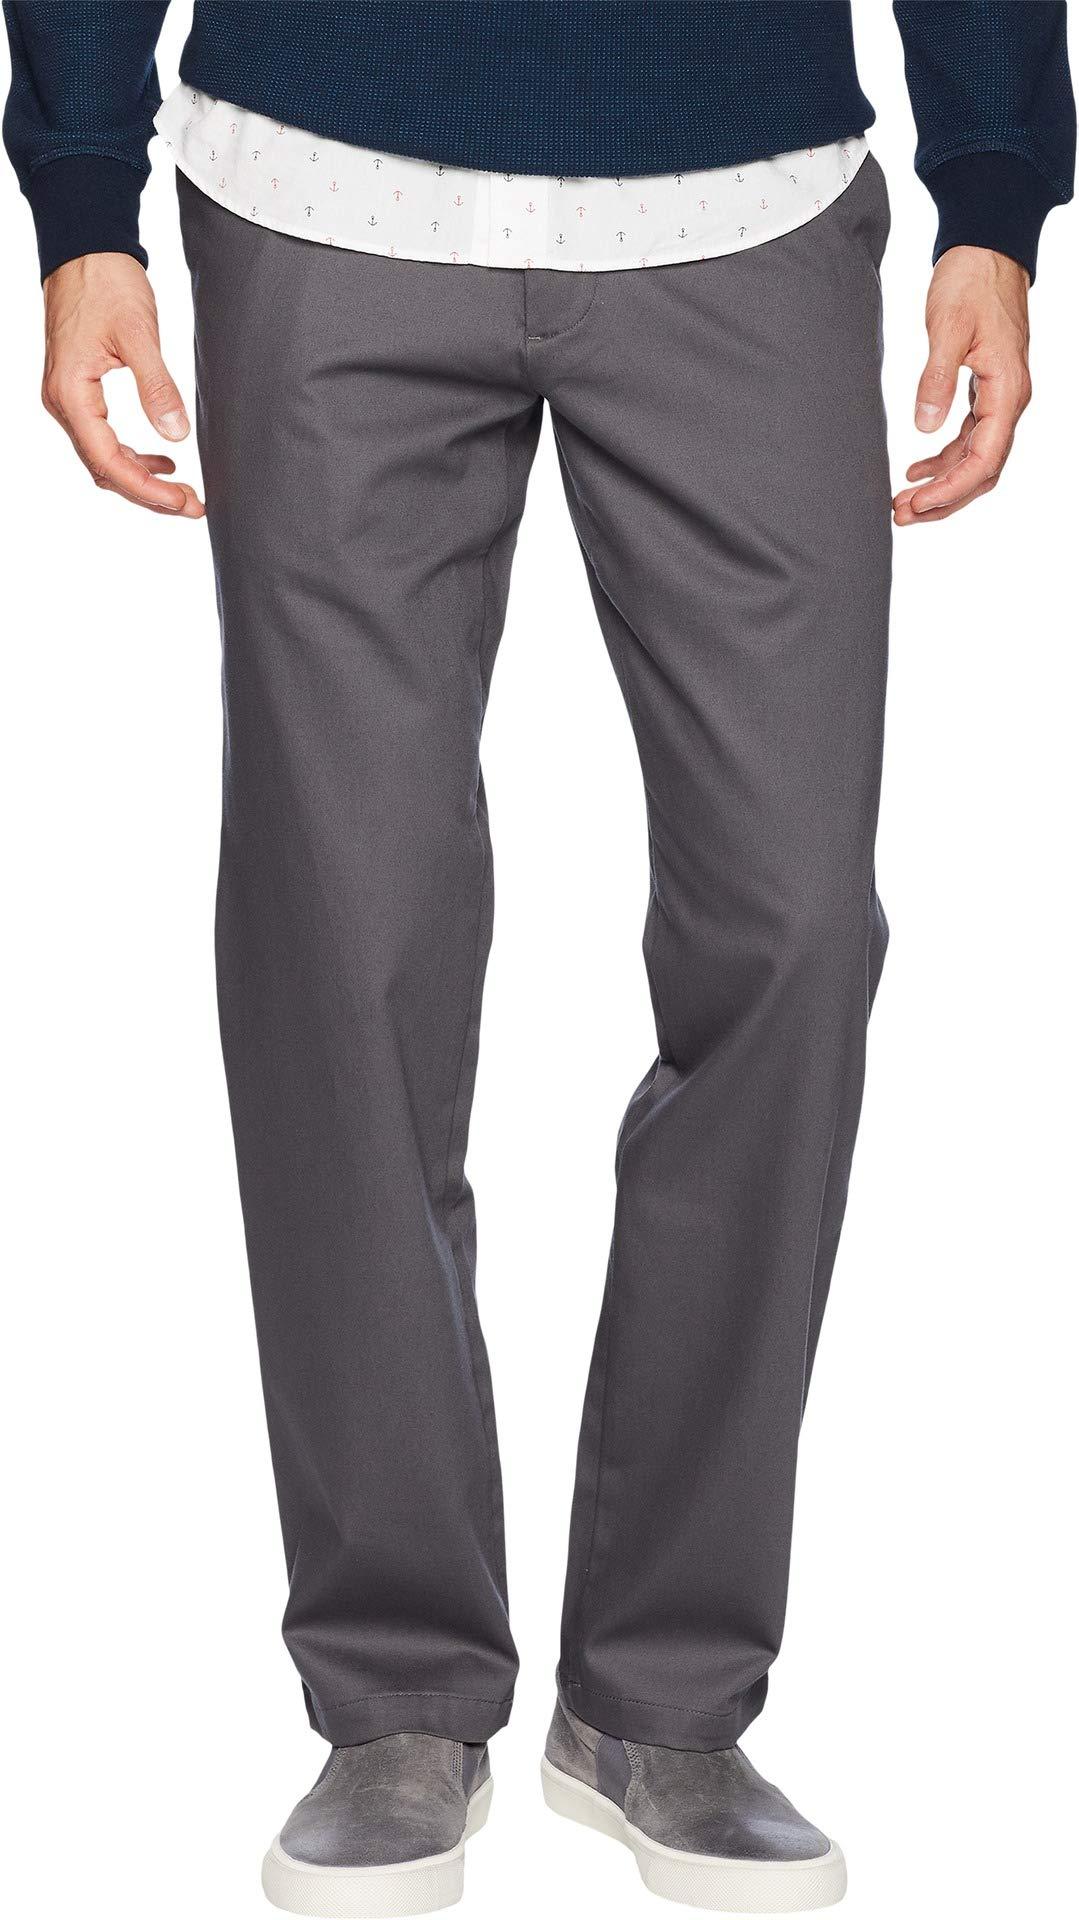 Dockers Men's Straight Fit Signature Khaki Lux Cotton Stretch Pants D2, Magnet, 38W x 29L